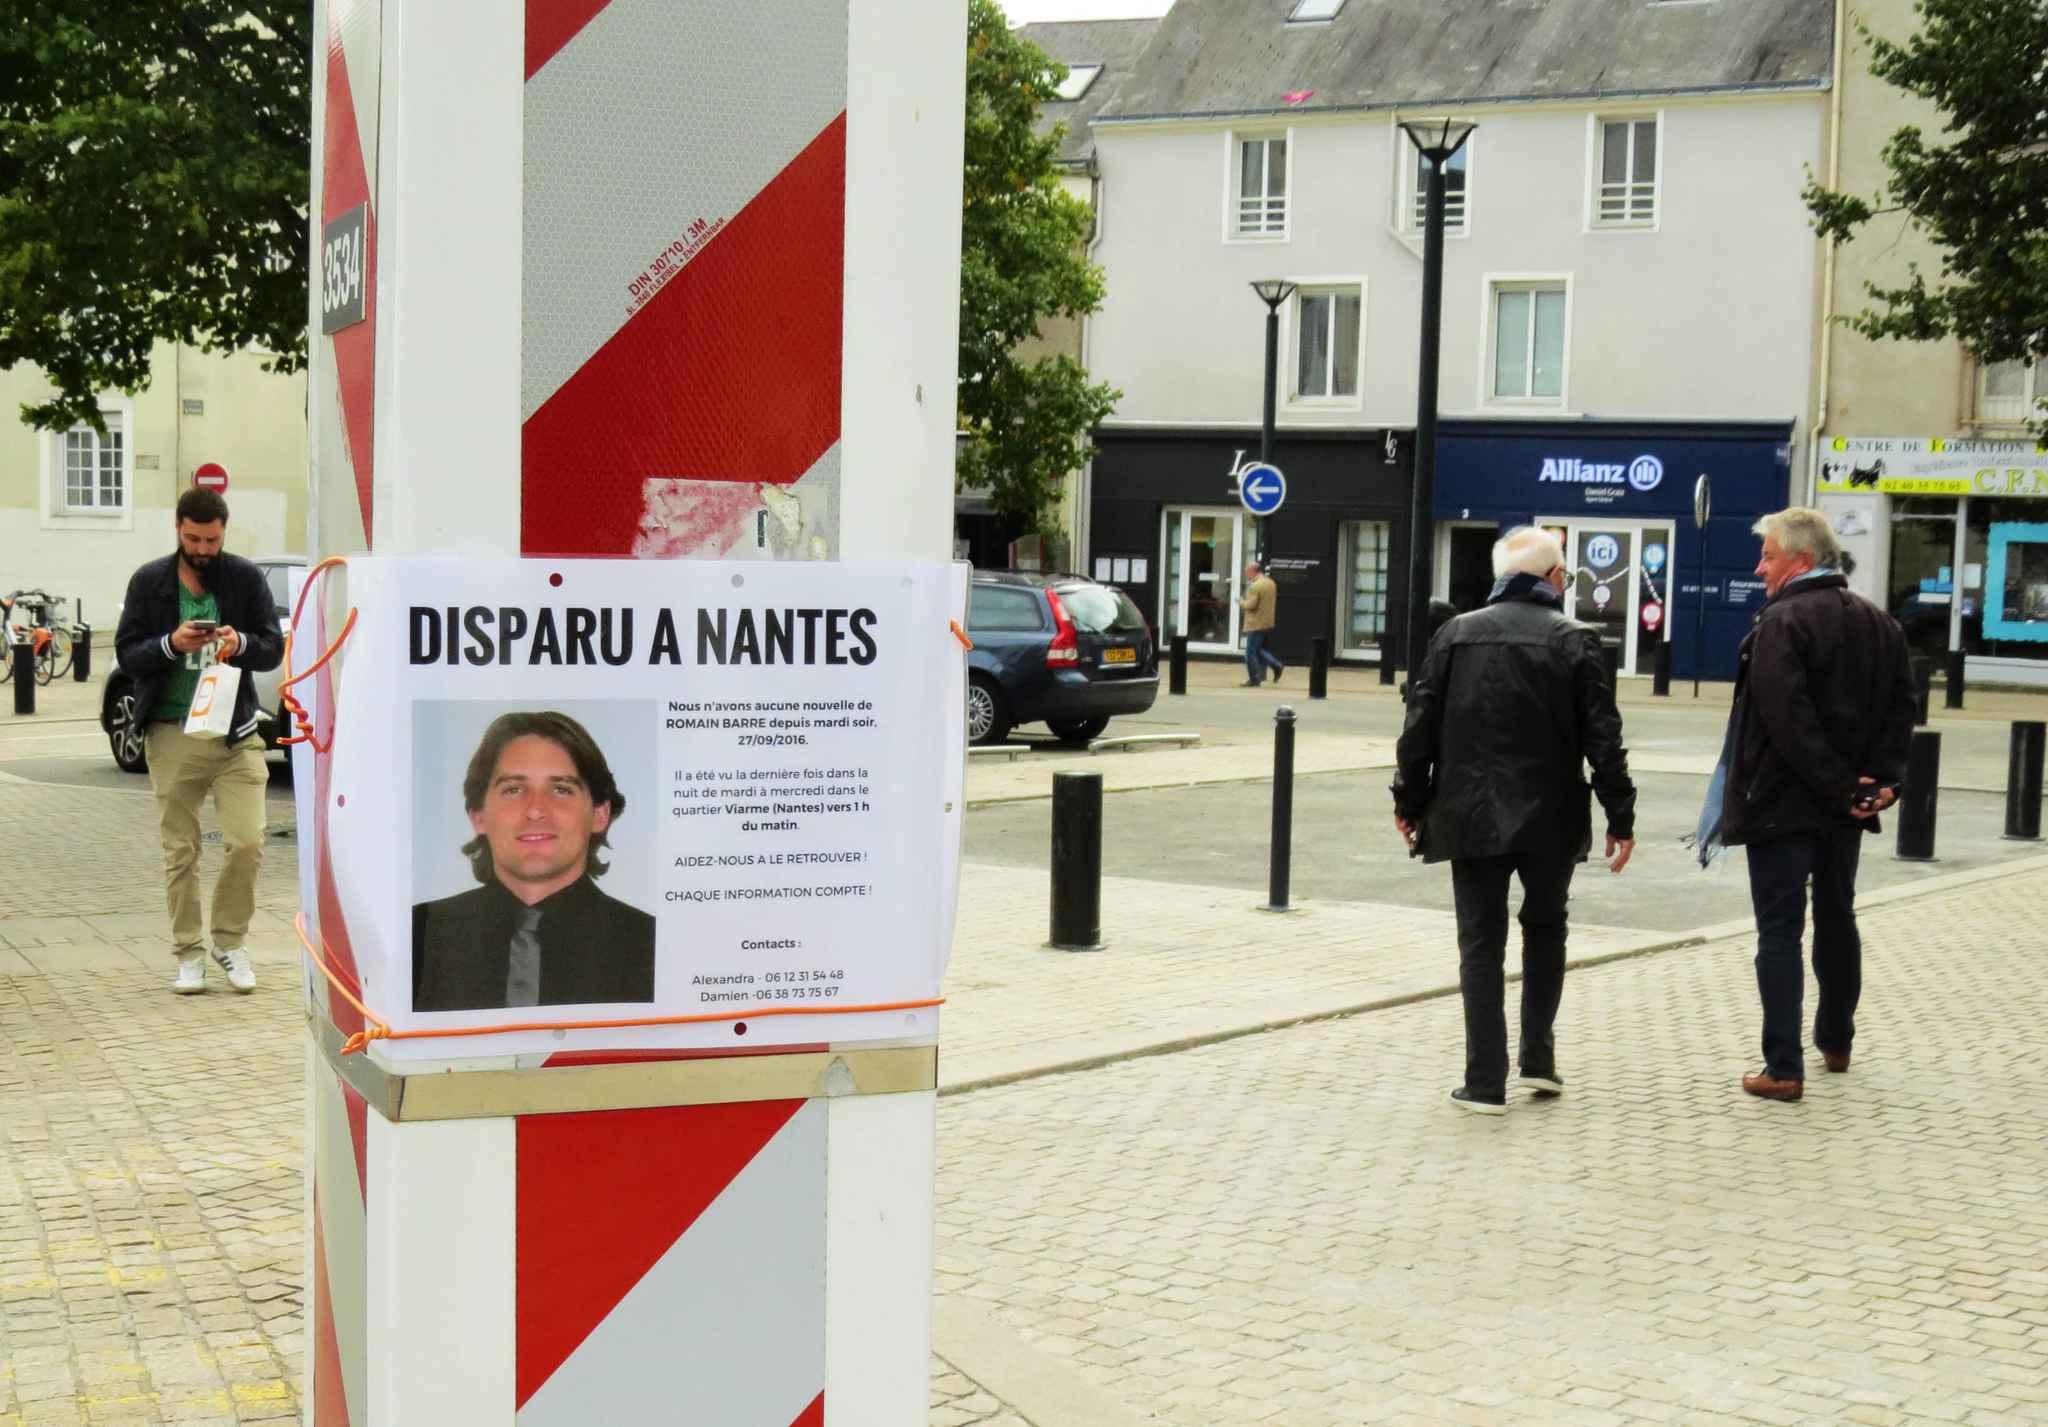 Des suspects avouent le meurtre de Romain Barré — Disparu à Nantes